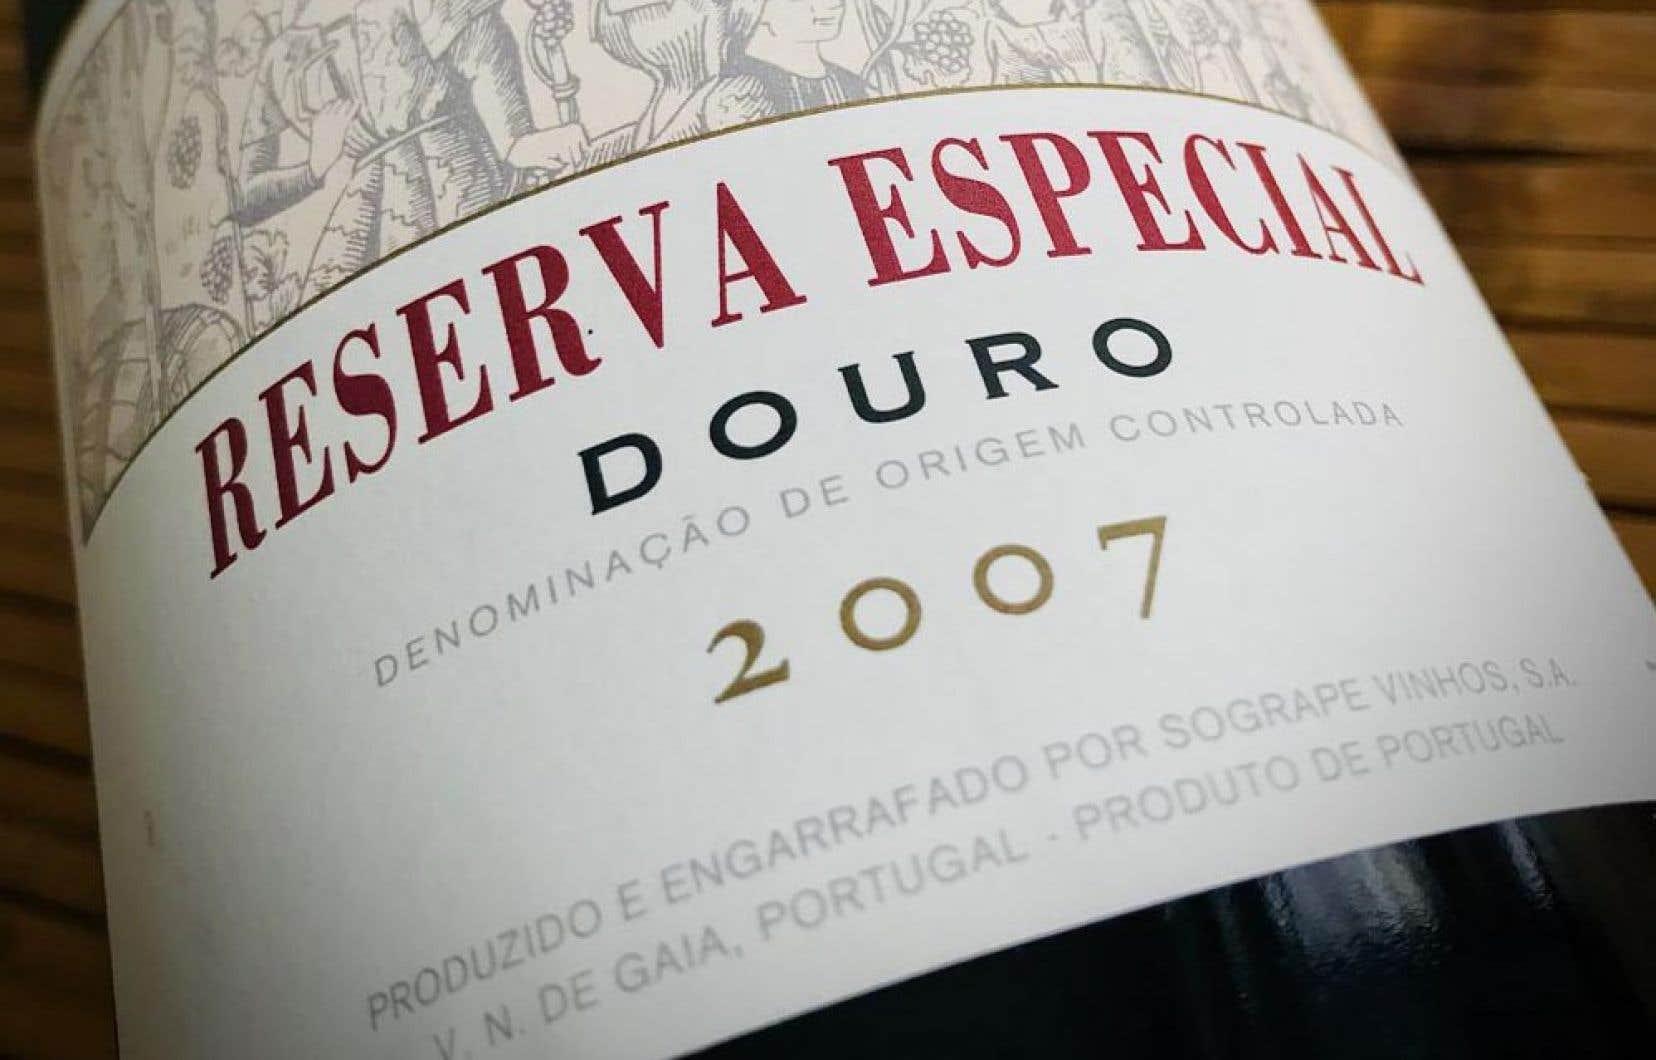 Les 187,25$ demandés pour la cuvée Reserva Especial 2007 de la Casa Ferreirinha (13253293) ont certes fait grimper en flèche le prix moyen par bouteille, mais il fallait tout de même palper l'émotion des Amis du vin du «Devoir» lors de sa dégustation à l'aveugle.